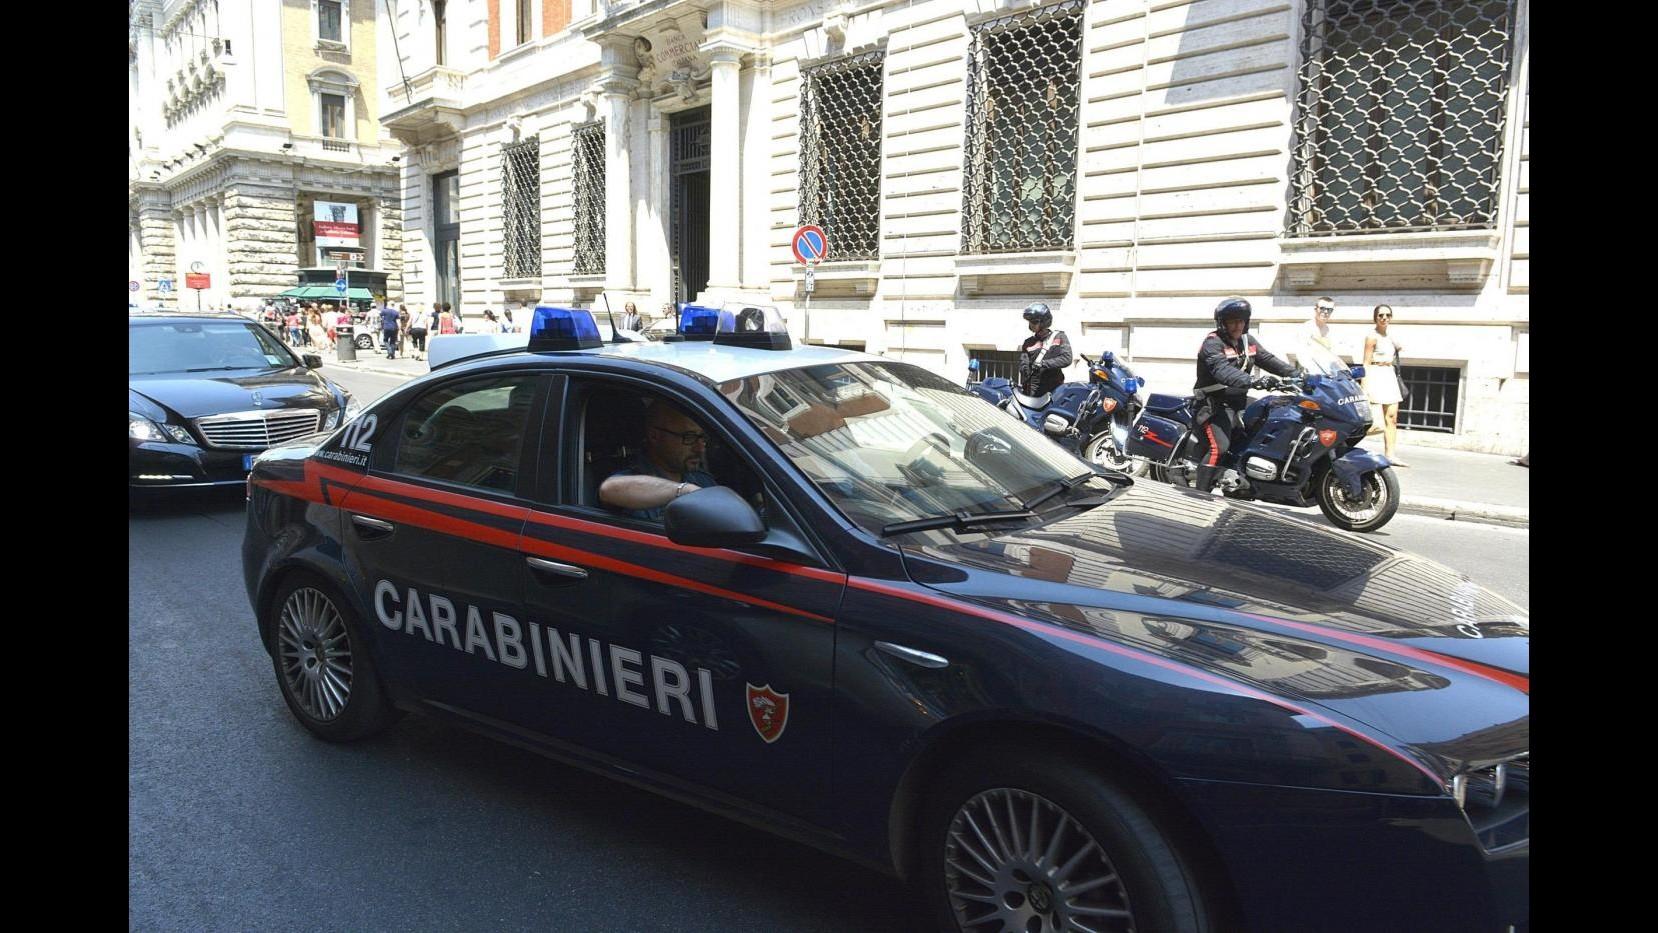 Napoli, si finge medico e rapina signora anziana: arrestato